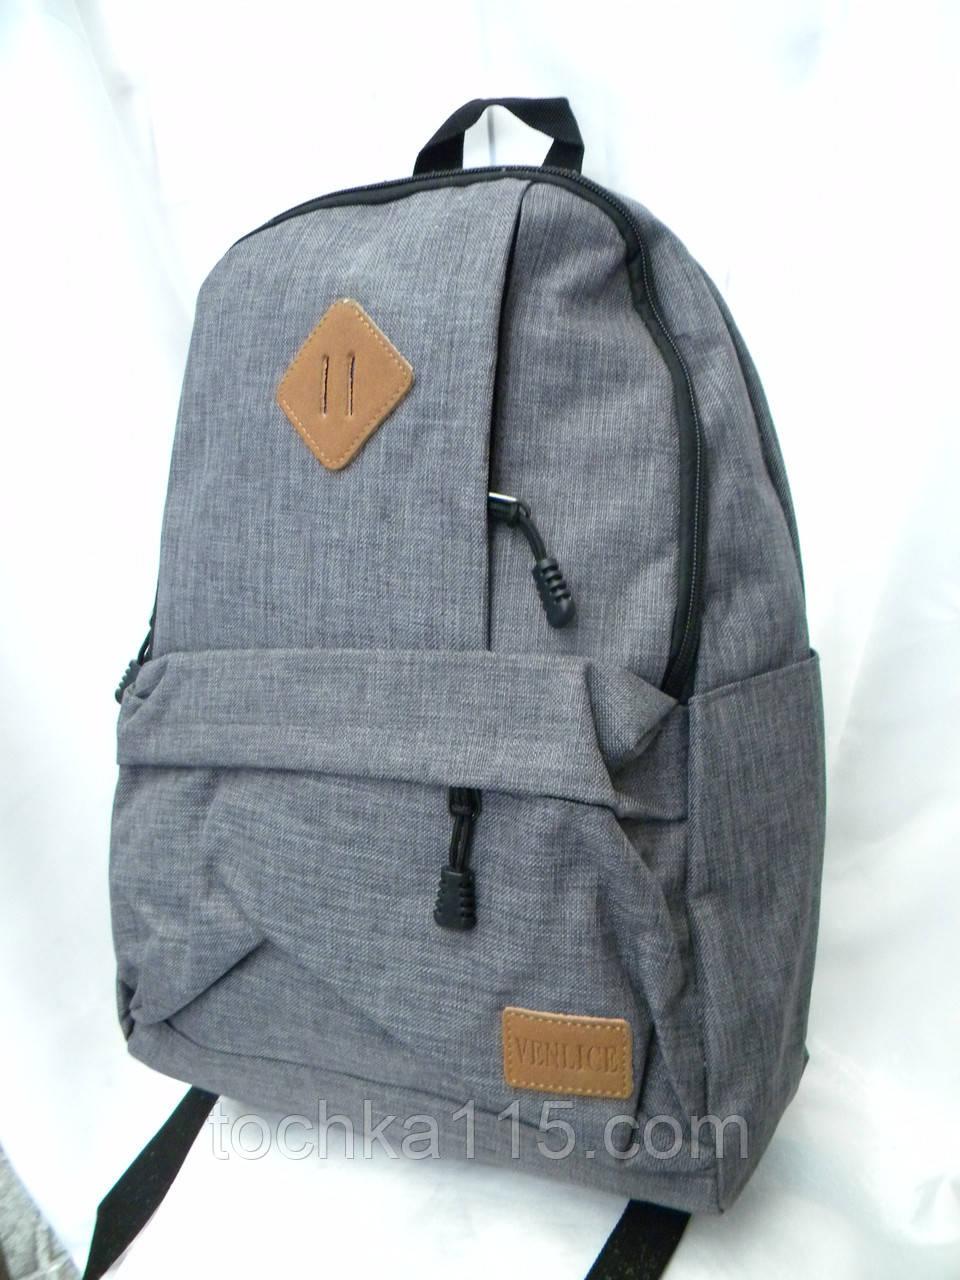 Городской рюкзак для подростка, стильный портфель, рюкзак для тренировок, спортивный рюкзак